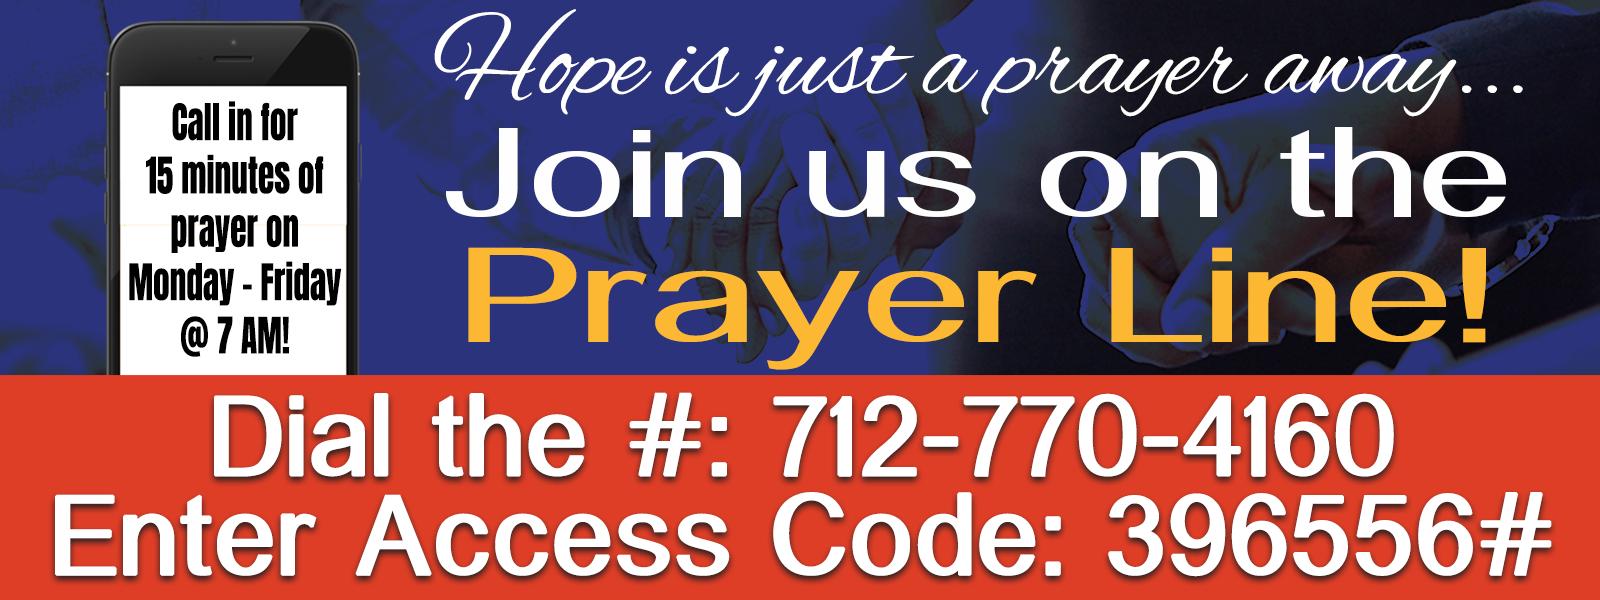 2020 Prayer Call slide